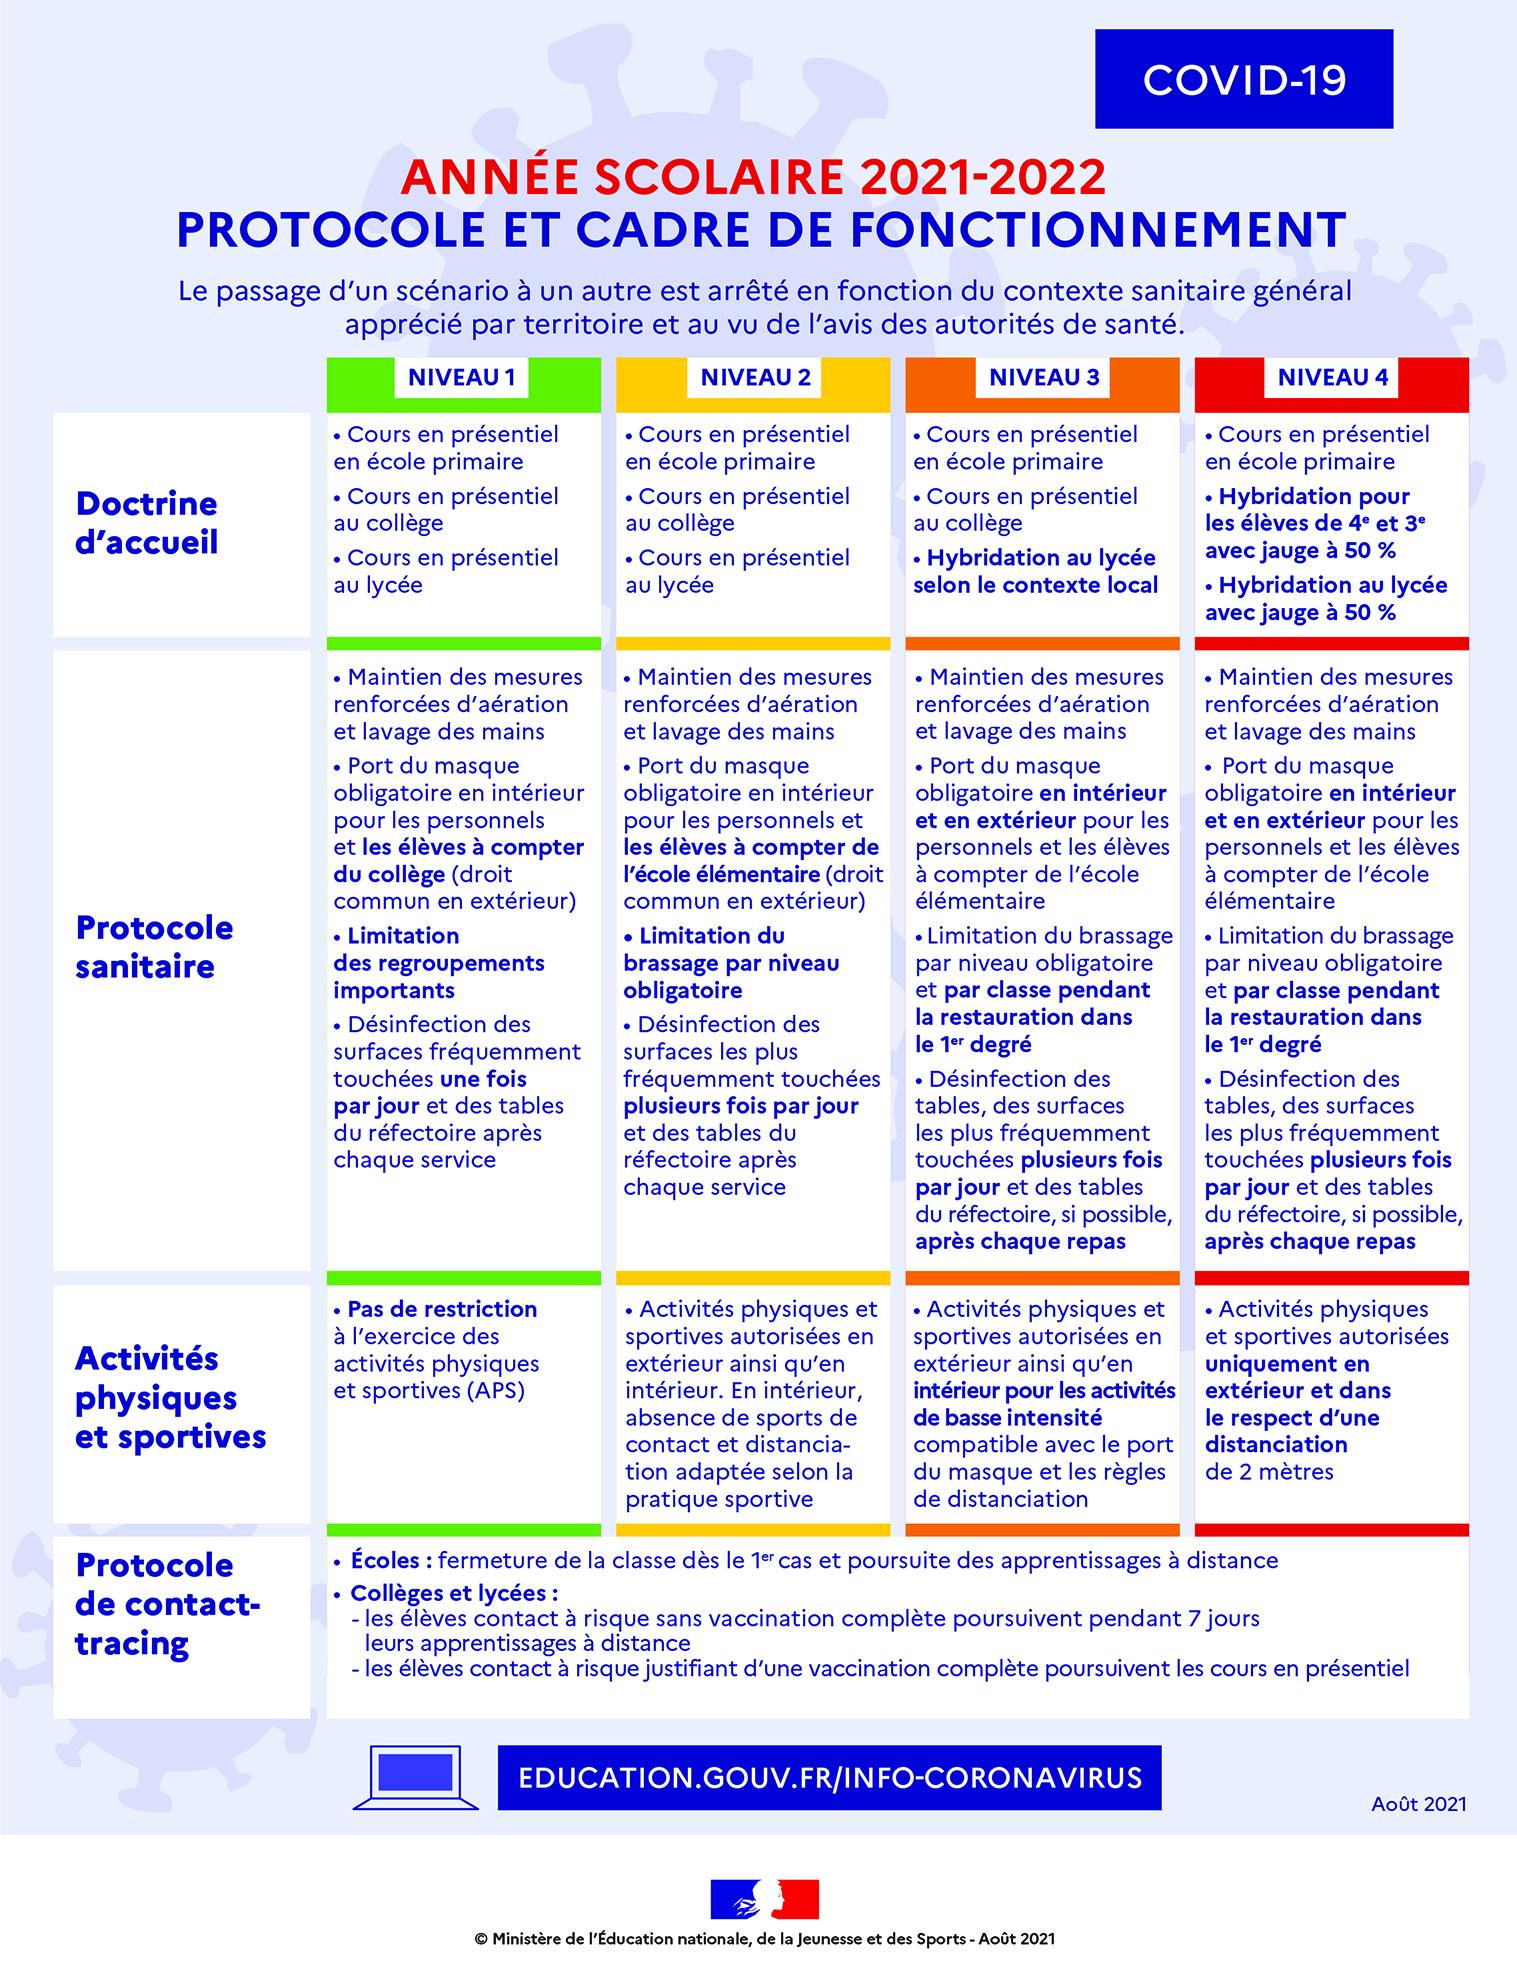 ann-e-scolaire-2021-2022-protocole-et-cadre-de-fonctionnement-91424_0.jpg